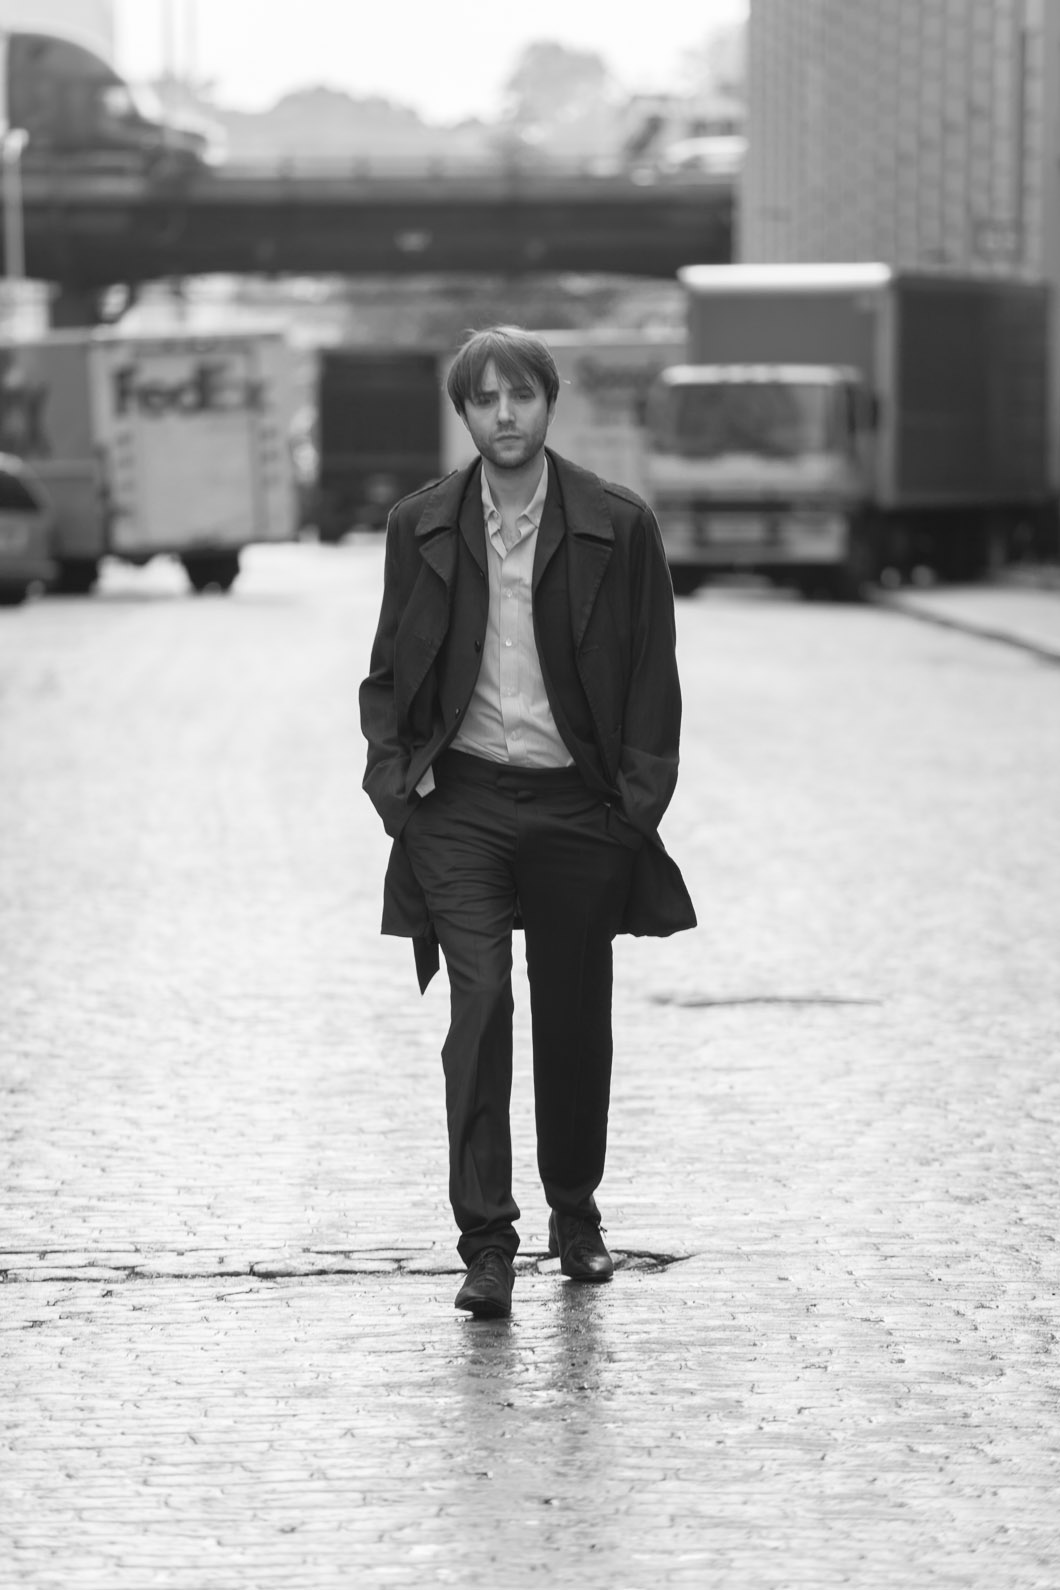 Vincent Kartheiser / Actor / Shot for Gravure